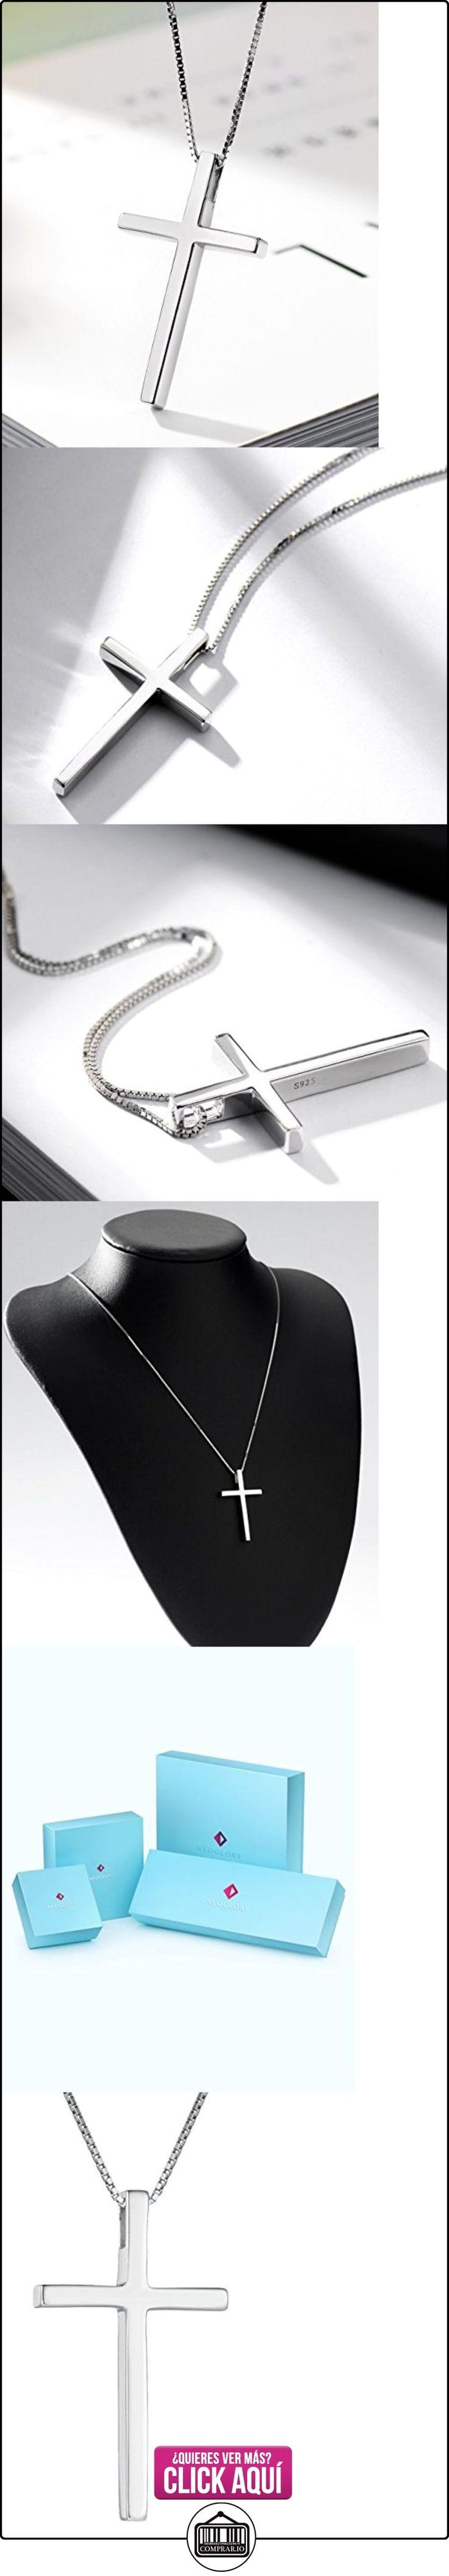 NEOGLORY Collar Colgante de Cruz Plata de Ley Joya Regalo Mujeres Hombres  ✿ Joyas para mujer - Las mejores ofertas ✿ ▬► Ver oferta: https://comprar.io/goto/B01E9ZTUFW